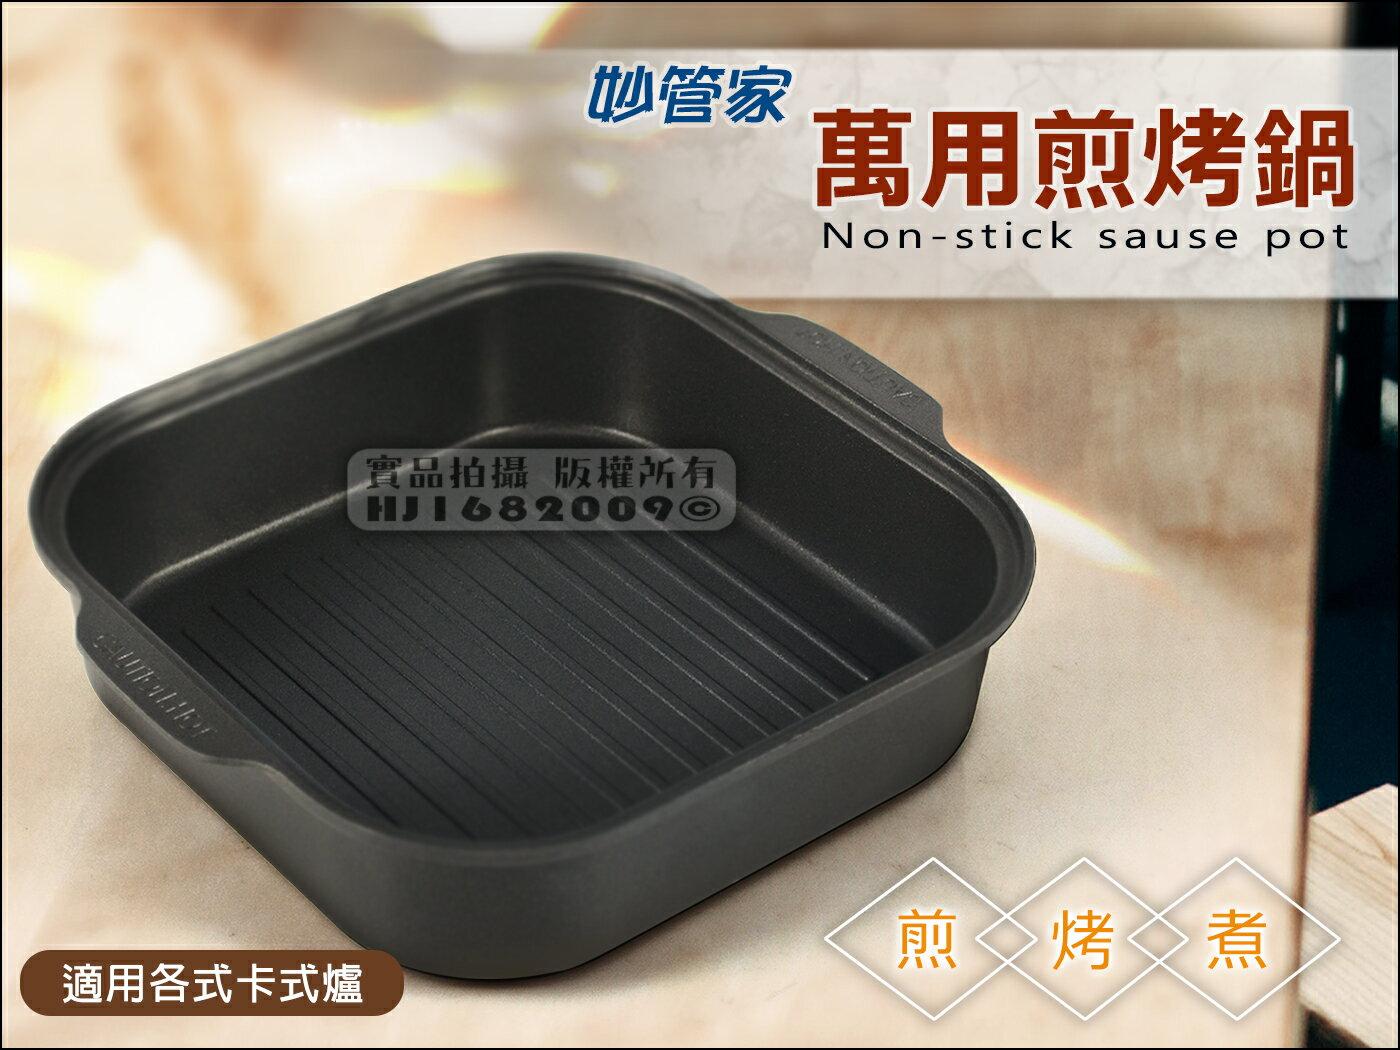 快樂屋♪ 妙管家 3279【萬用煎烤鍋】HKGP-21 適用各式卡式爐 瓦斯爐 適煮湯火鍋